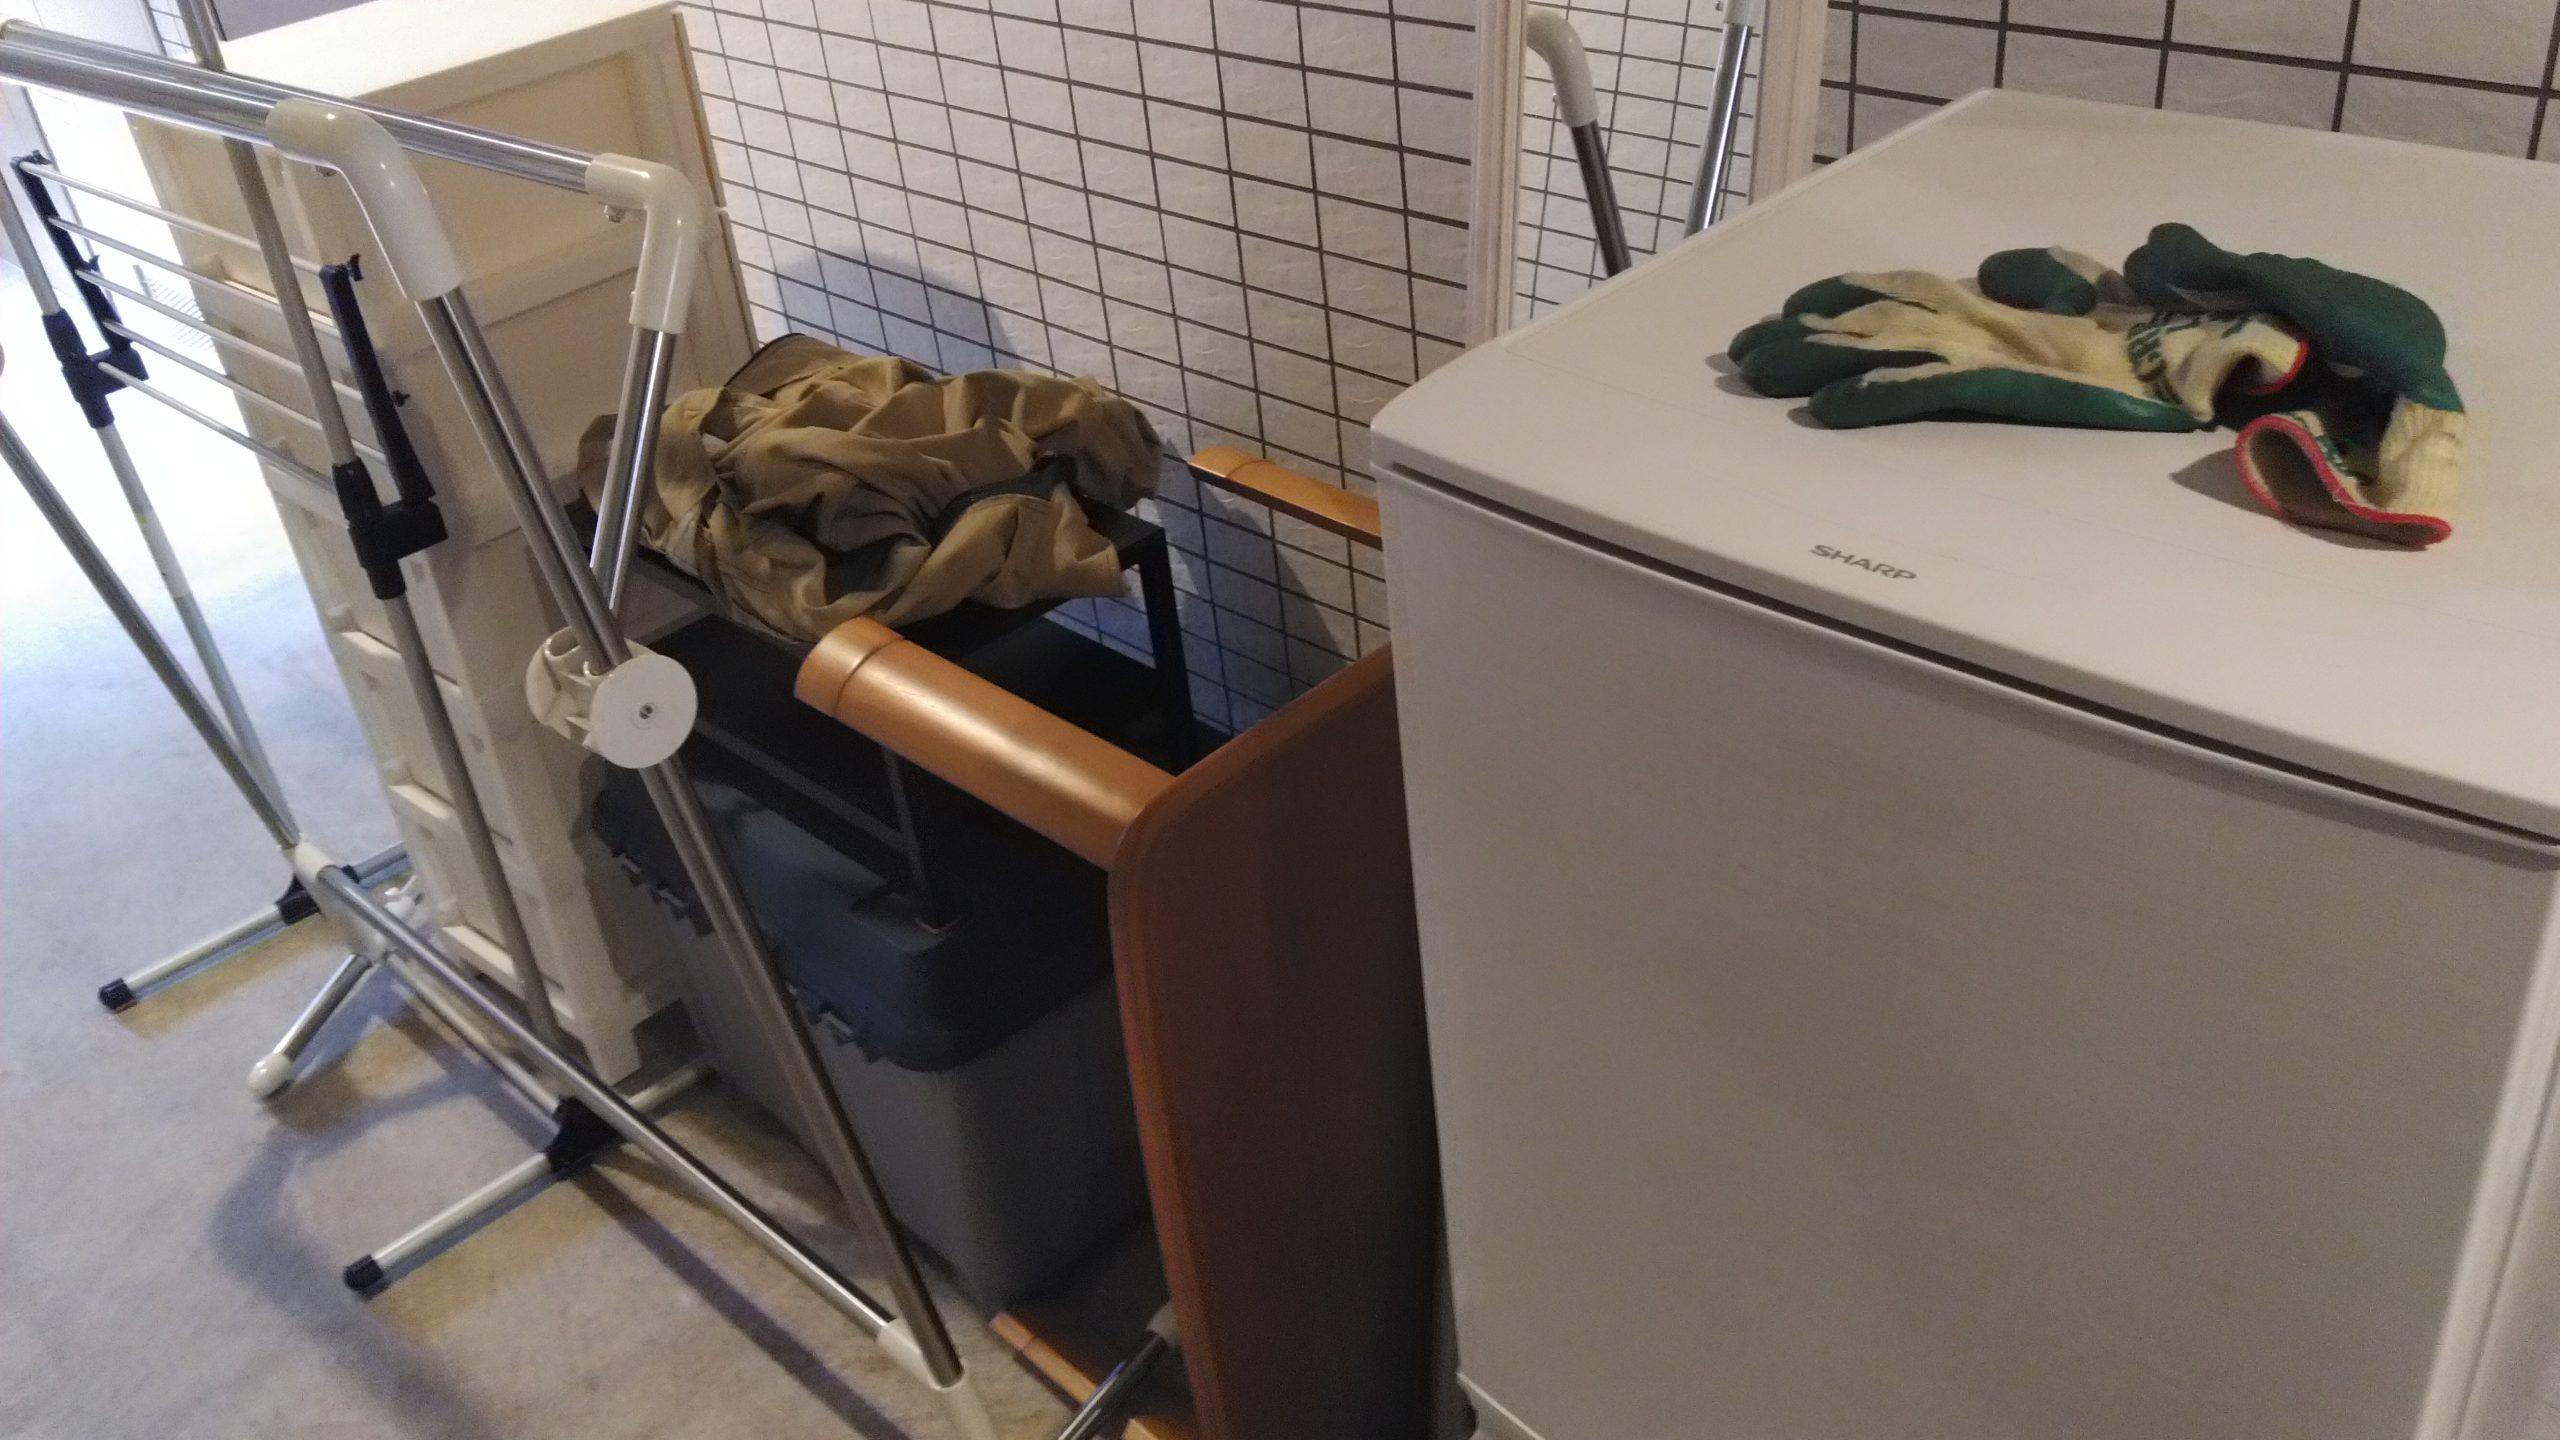 冷蔵庫やその他の生活用品